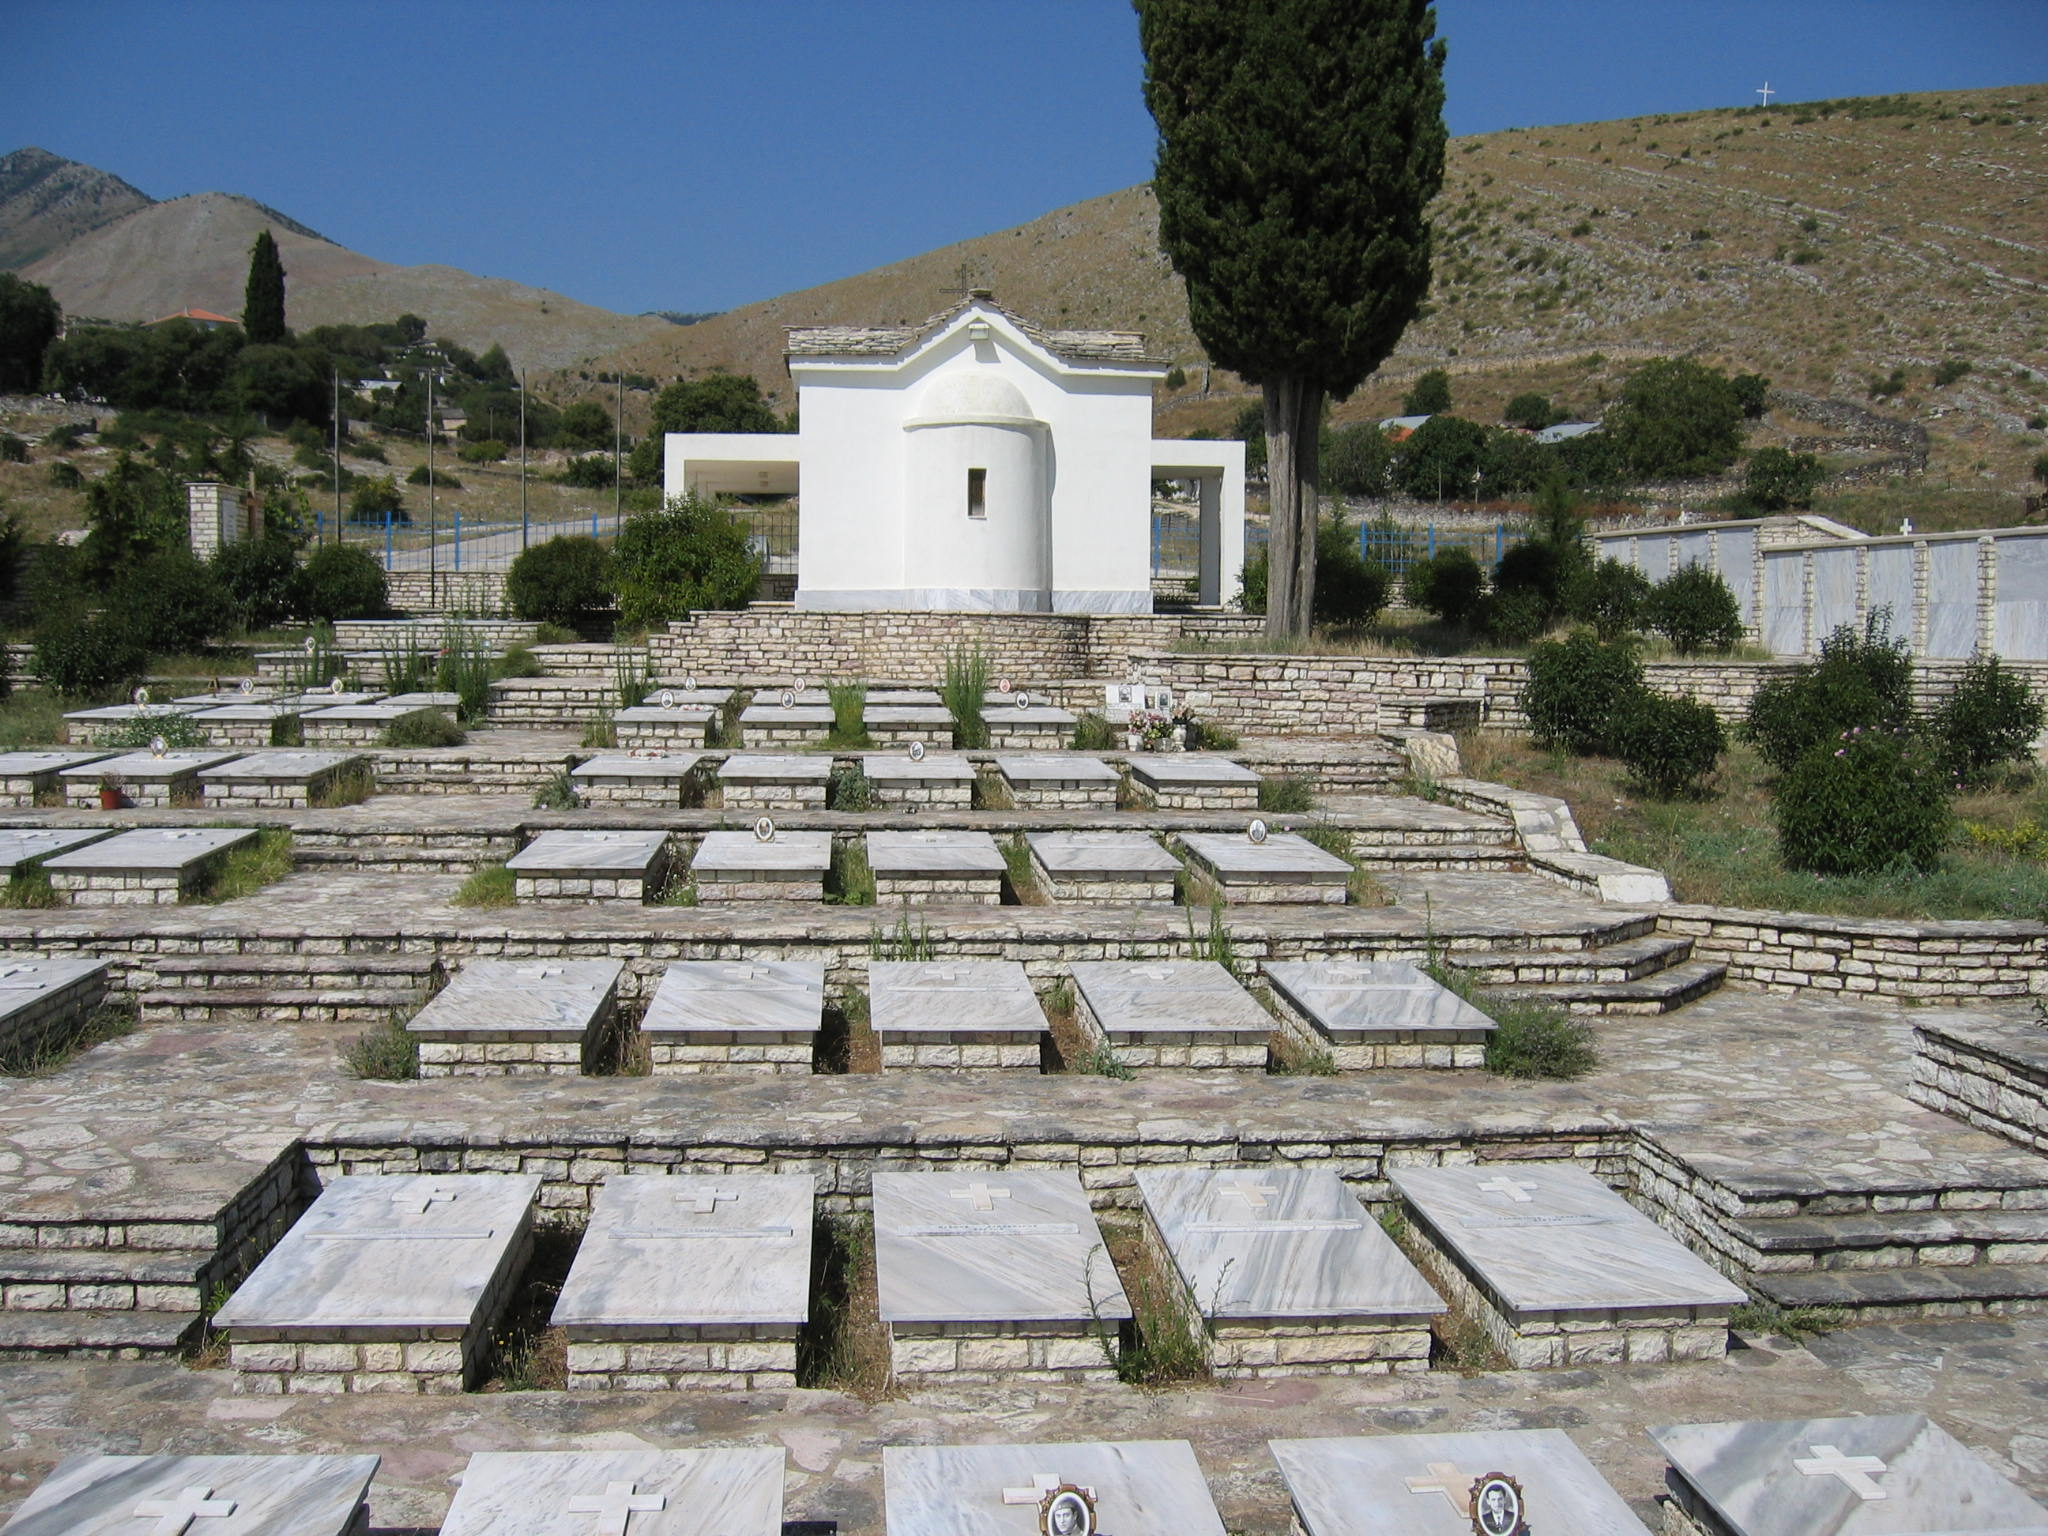 Μερική άποψη του στρατιωτικού κοιμητηρίου Ελλήνων πεσόντων του'40 στο χωριό Βουλιαράτι Αργυροκάστρου.